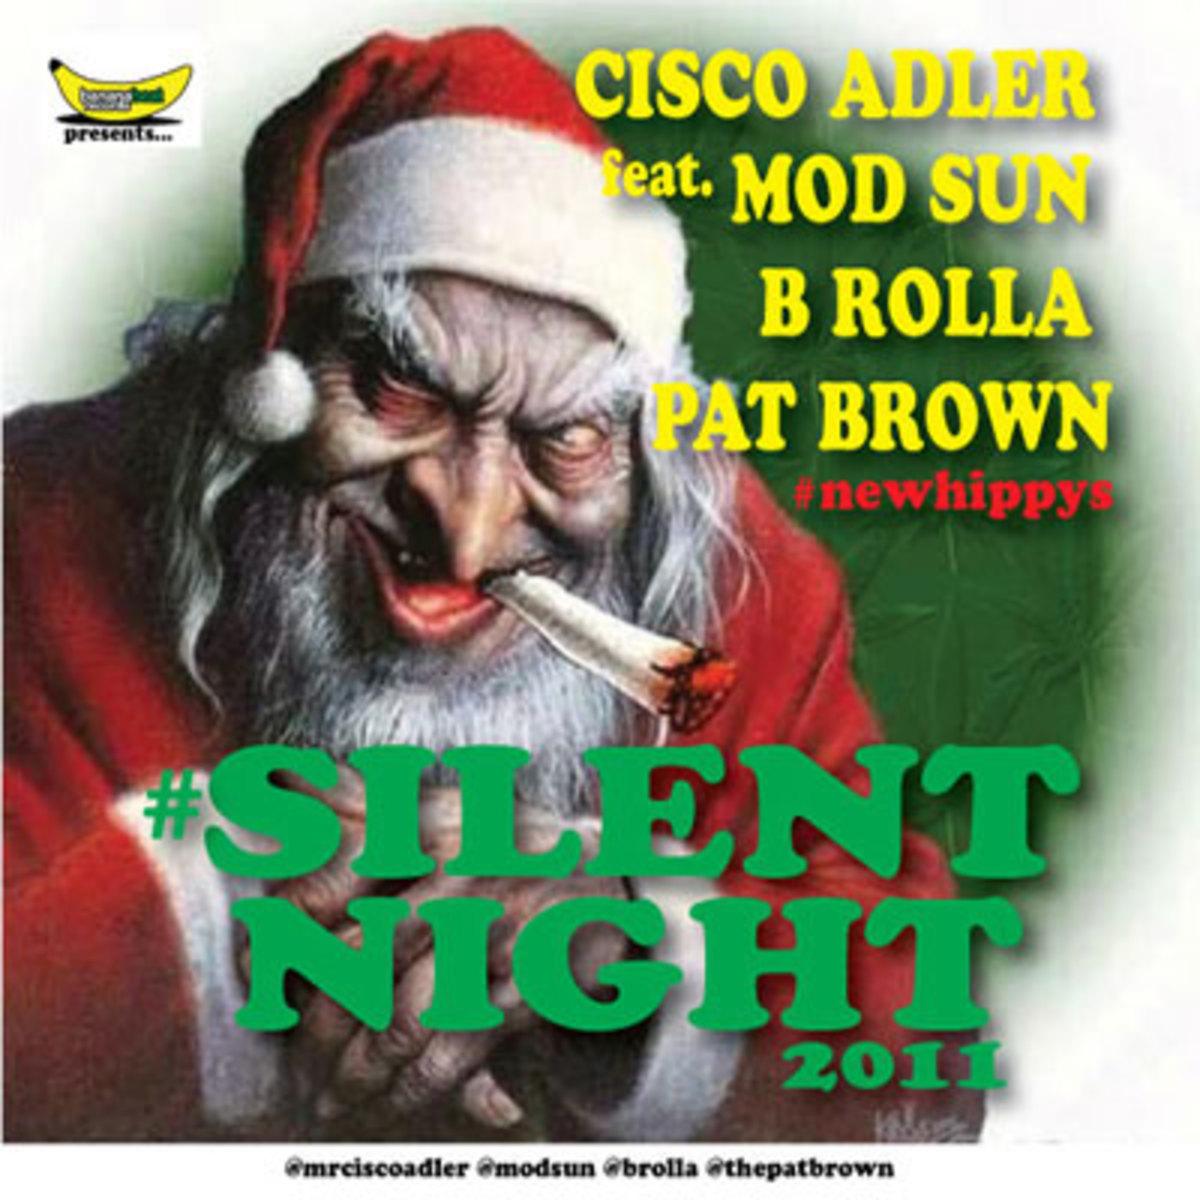 ciscoadler-silent.jpg